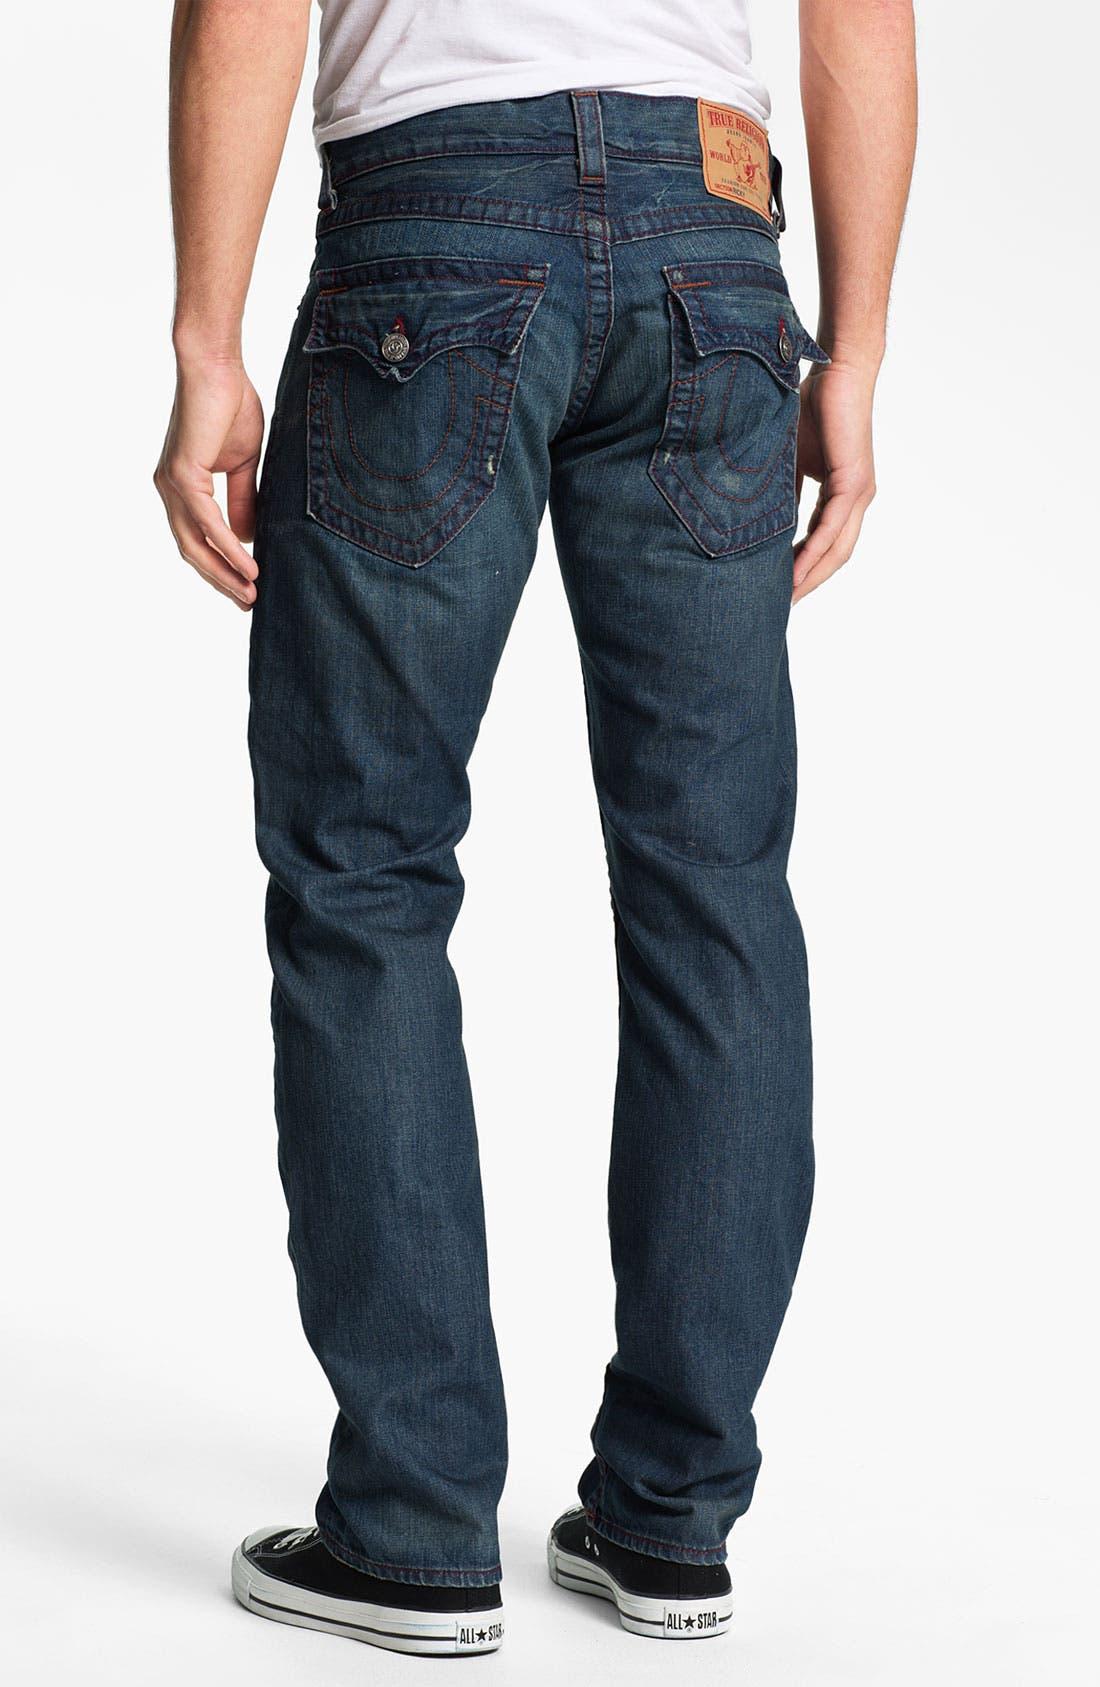 Alternate Image 1 Selected - True Religion Brand Jeans 'Ricky' Straight Leg Jeans (Dark Drifter)